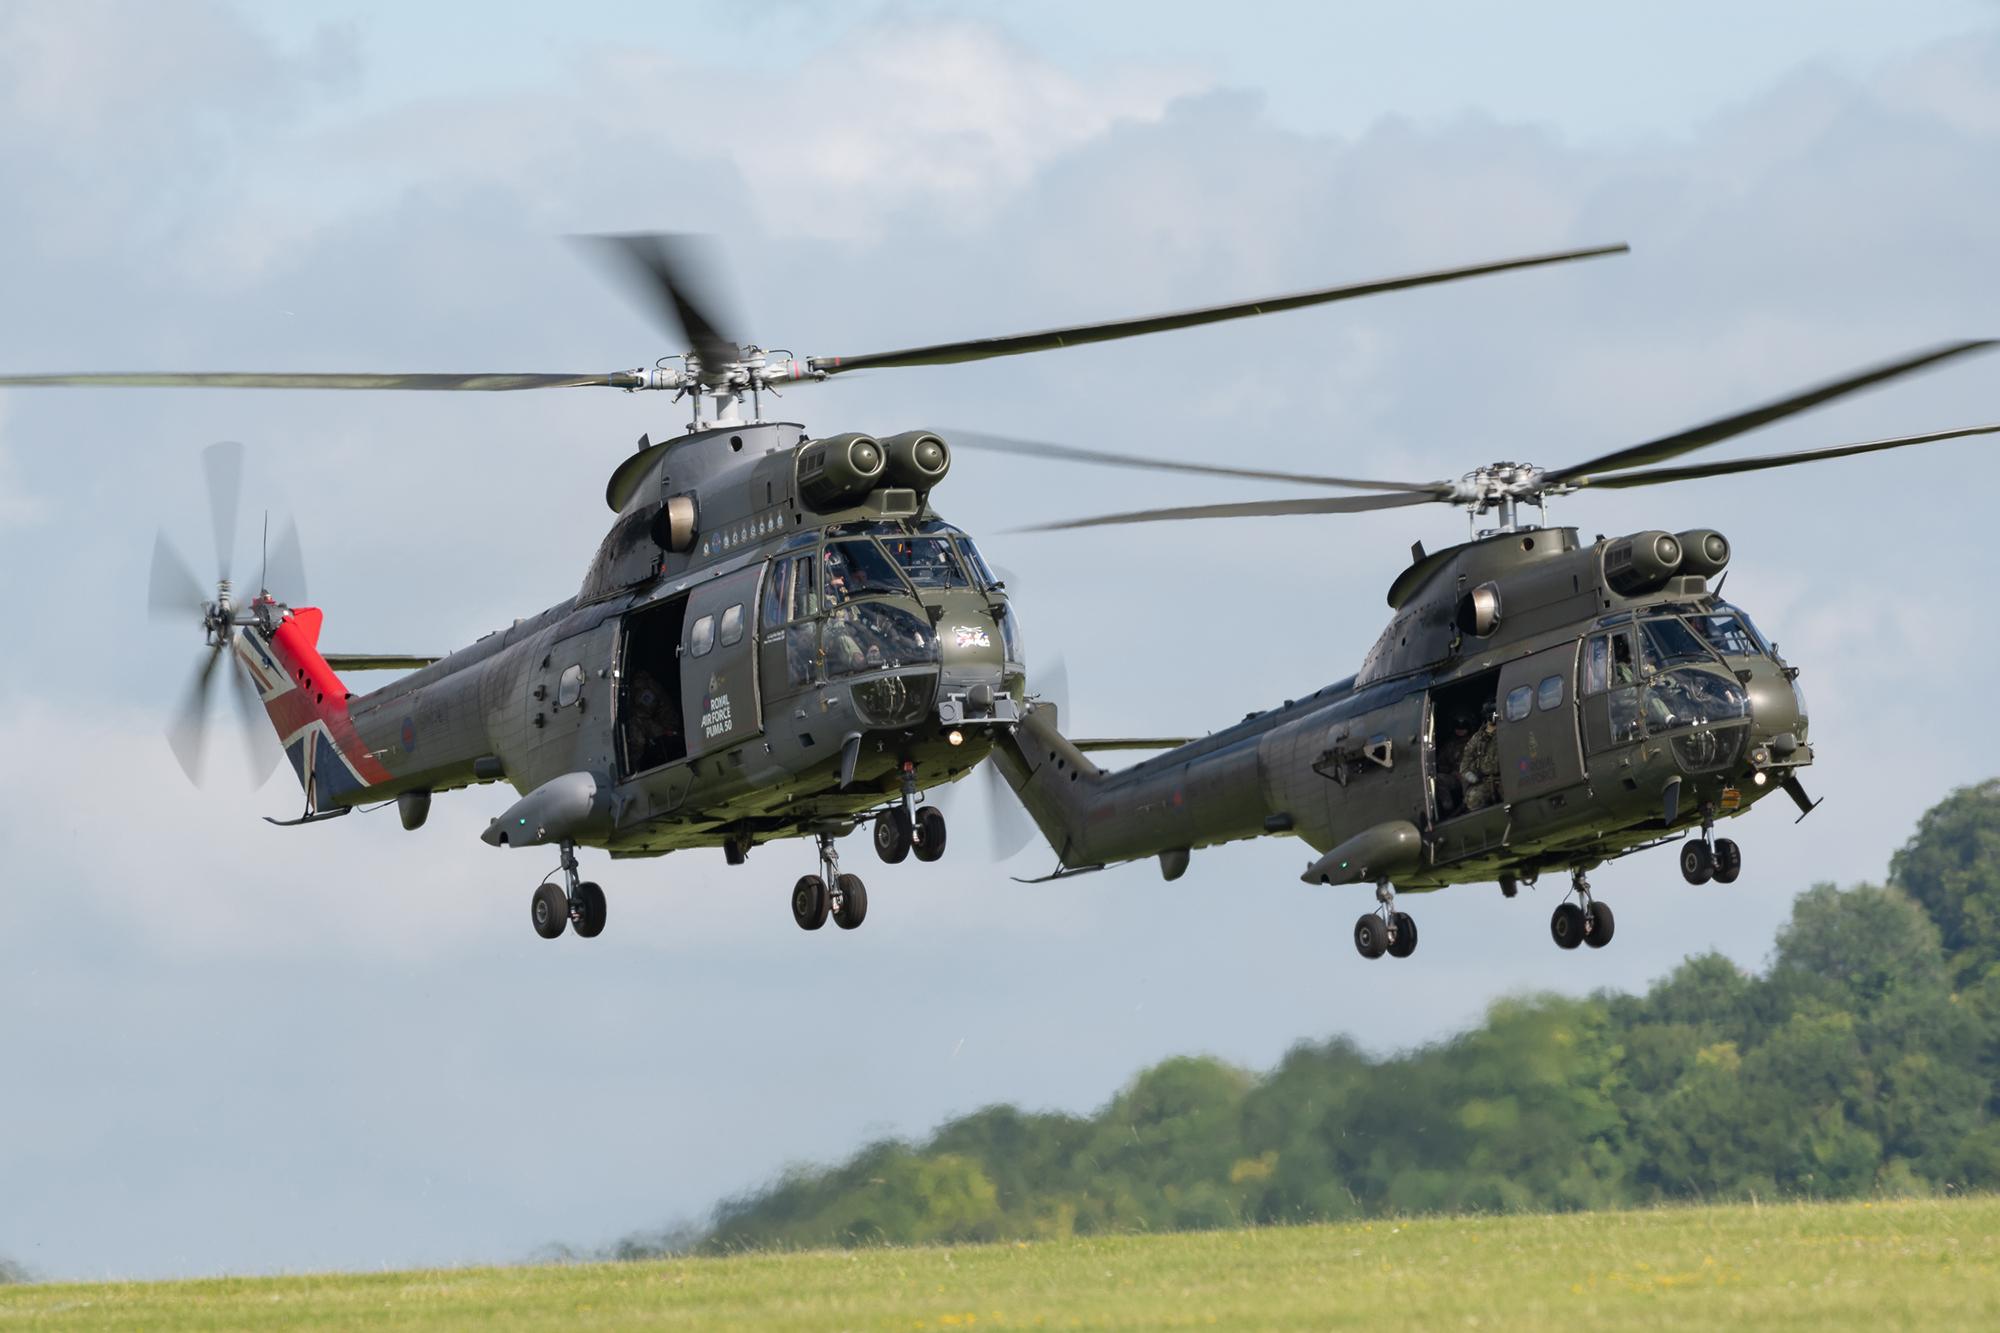 Westland Puma clocks up 50 years in RAF service